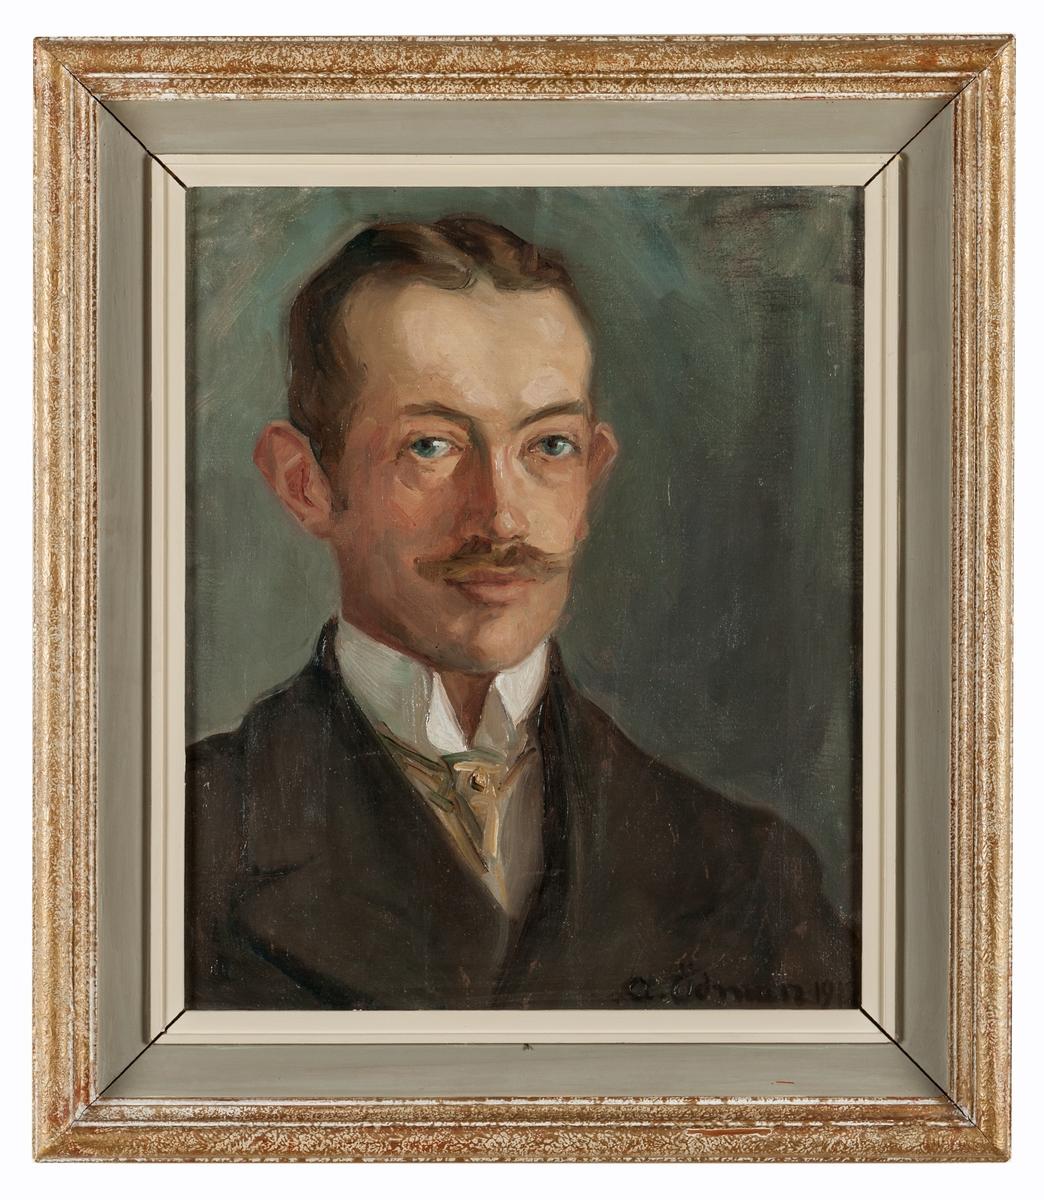 Porträtt utfört av Anna Ödman, avbildande hennes bror Tycho Ödman. Olja på duk. Träram, stöpplad guld och grå (skrivet på baksida). Signatur A. Ödman 1912.